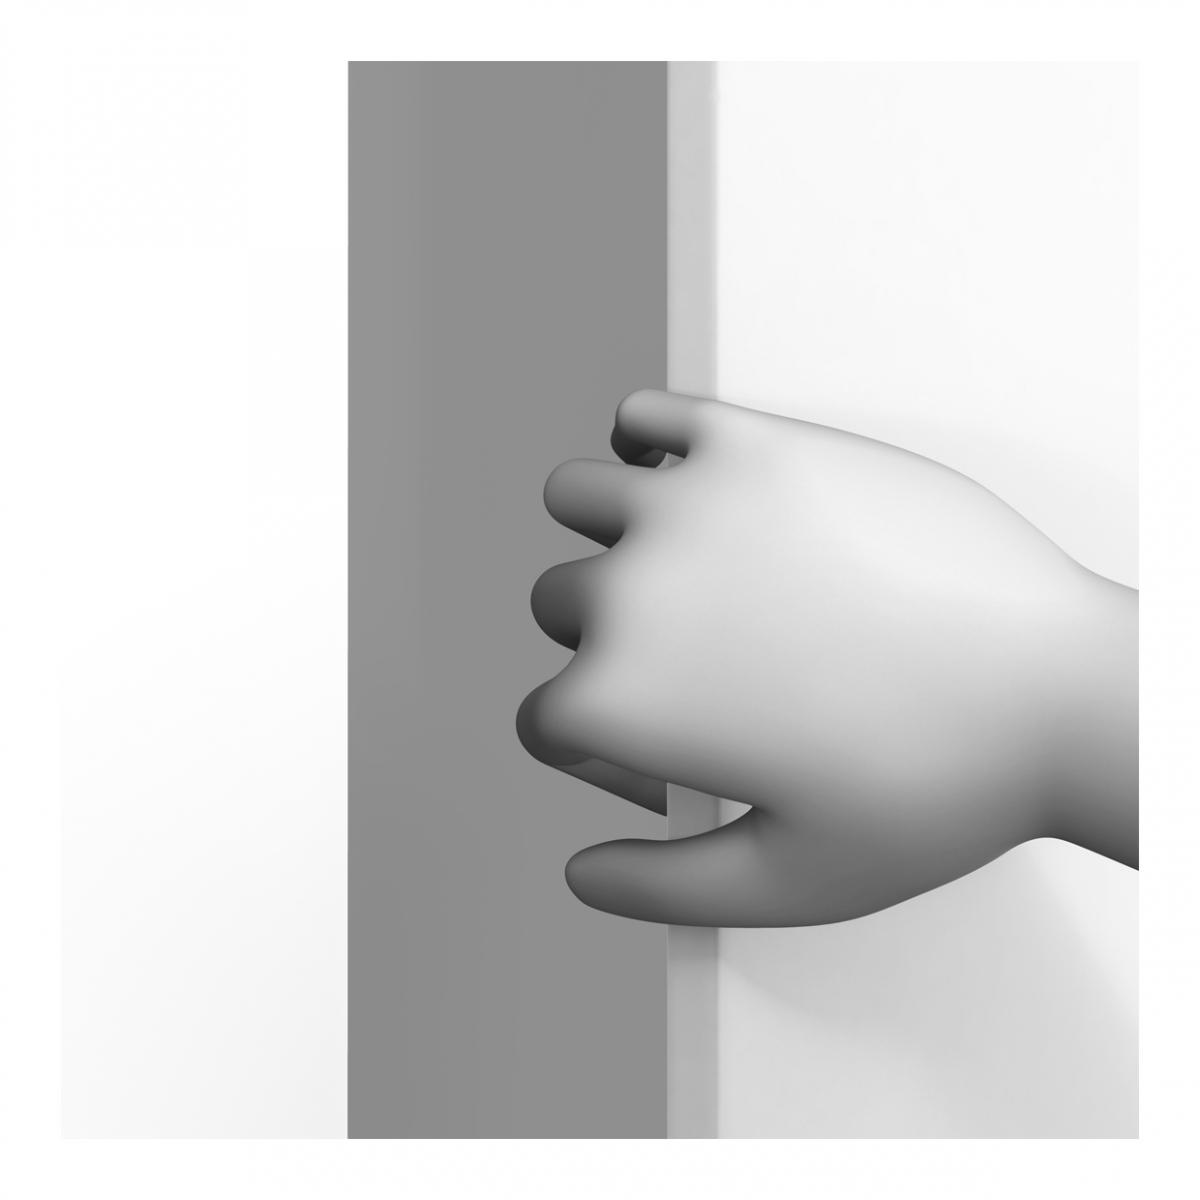 Imagen en la que se ve una mano abriendo un elemento en vertical